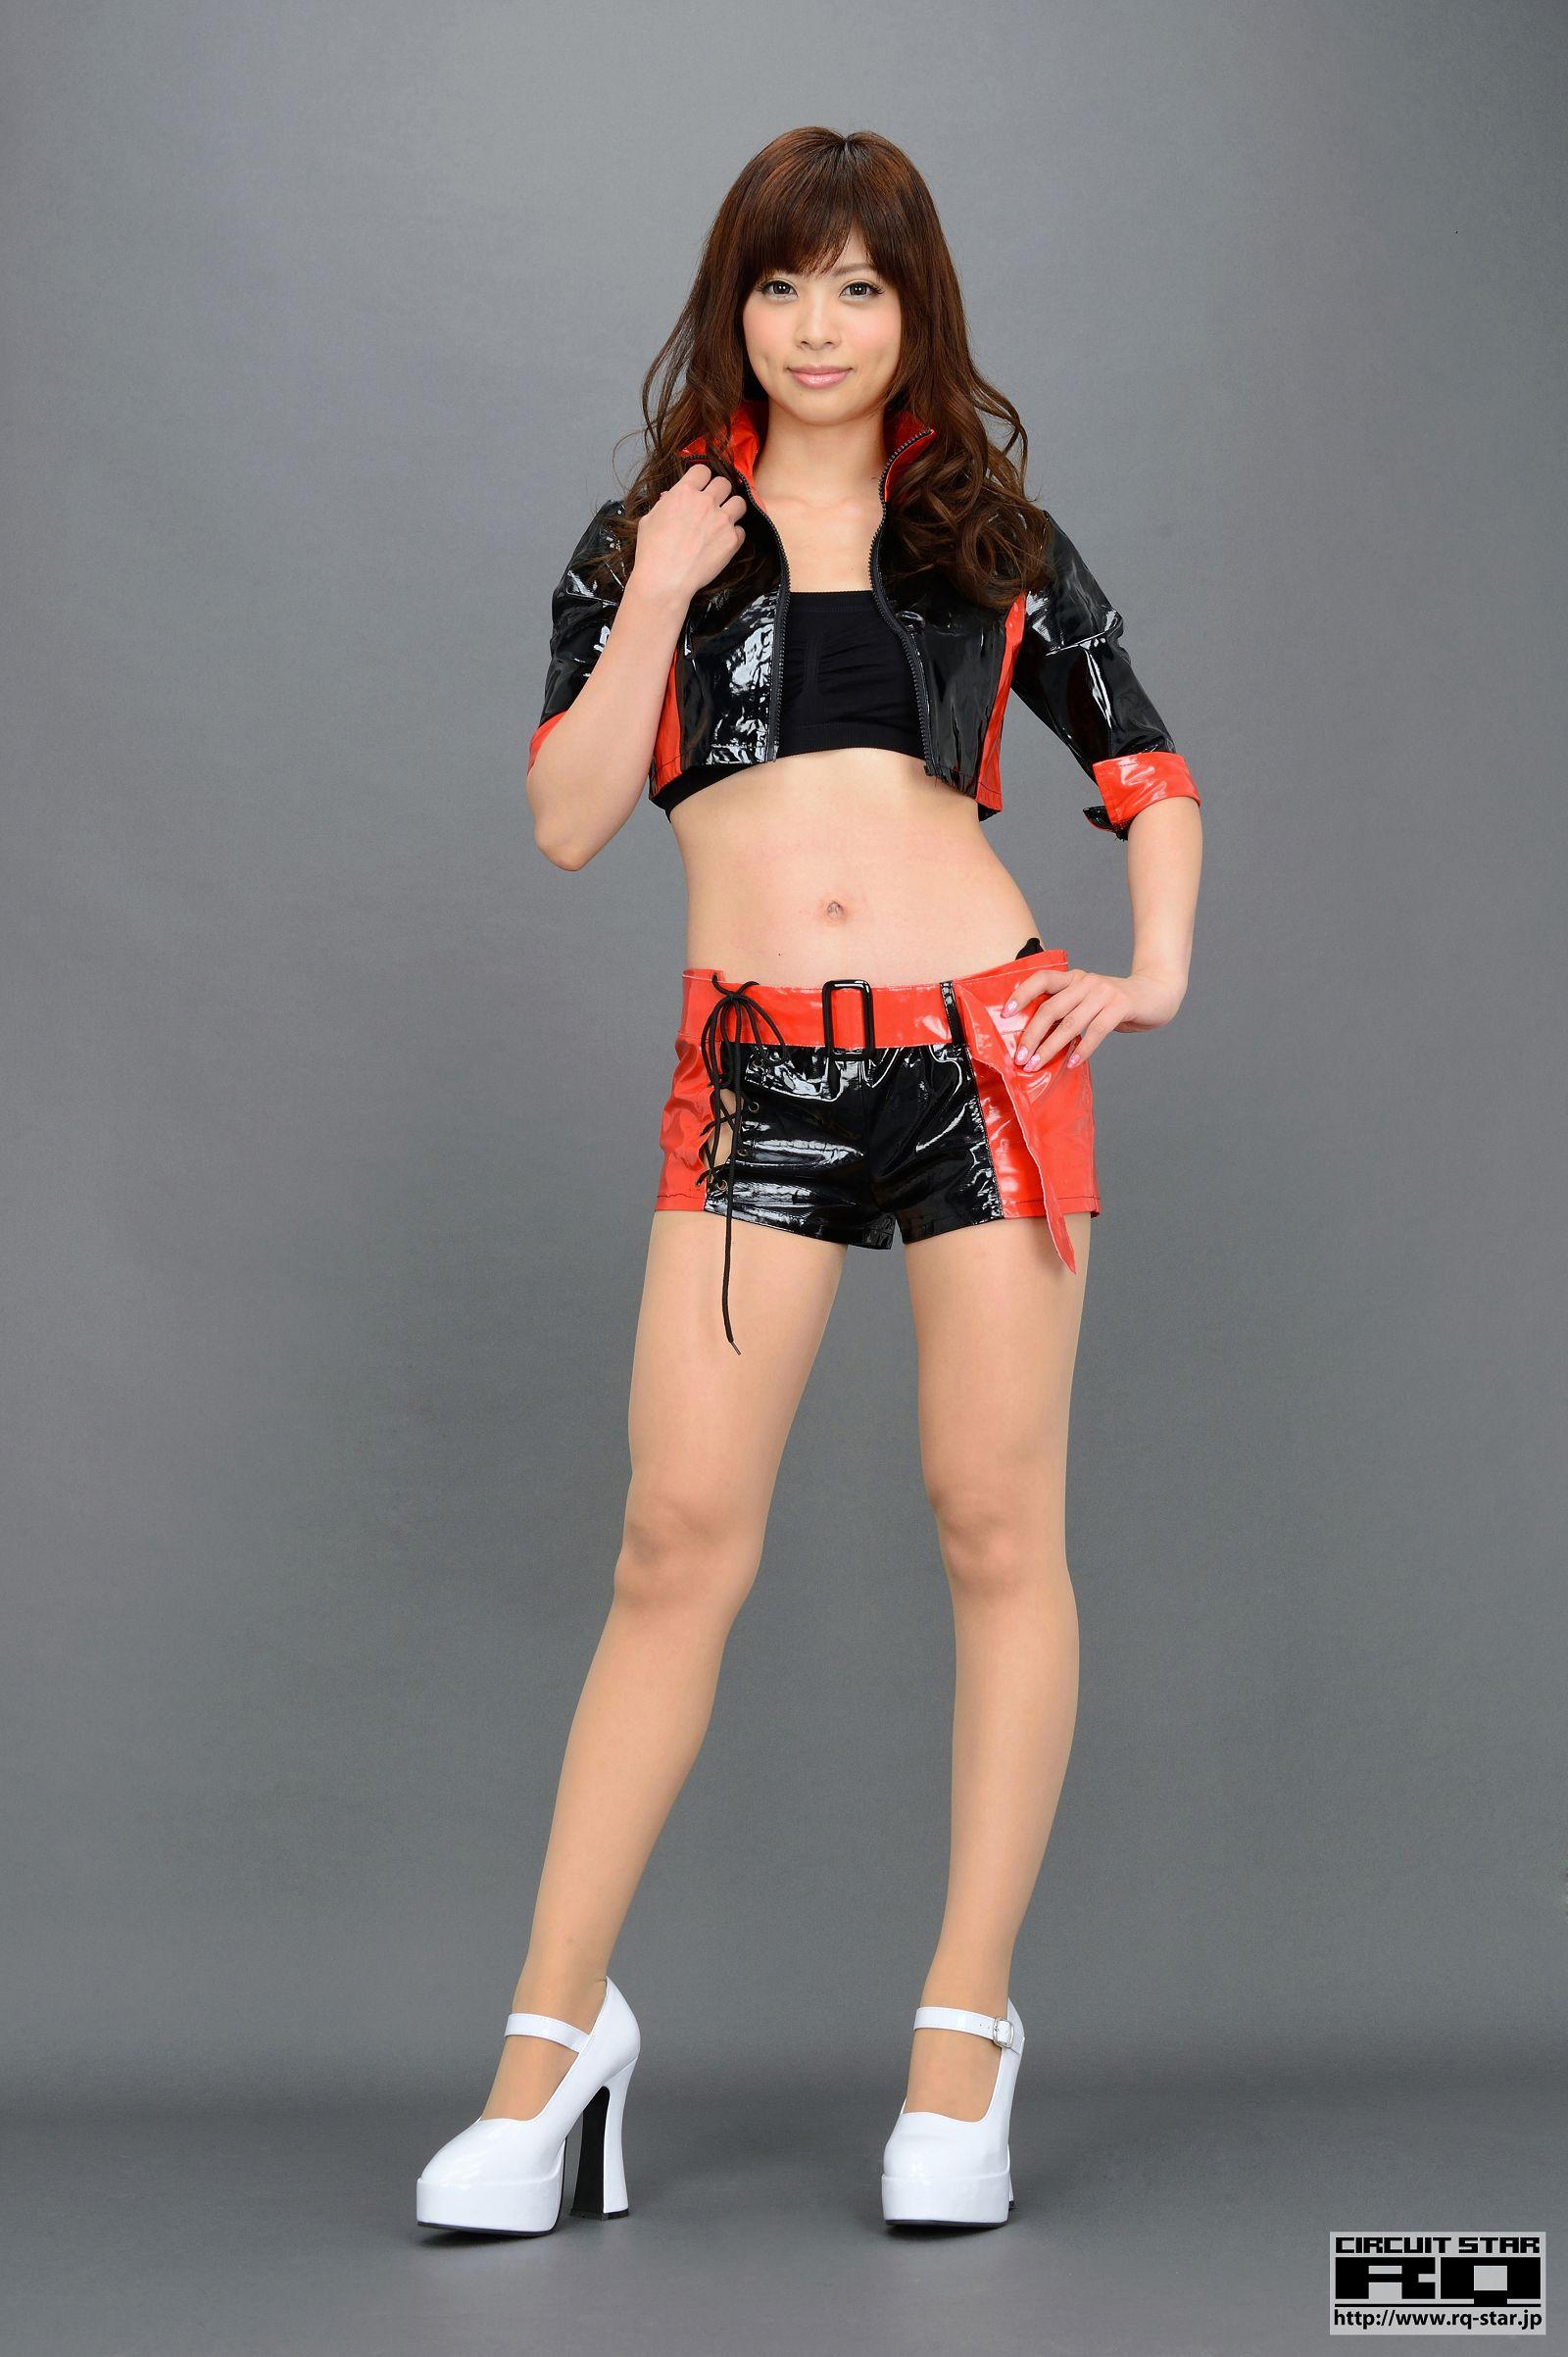 [RQ STAR美女] NO.00862 YUKI Race Queen[90P] RQ STAR 第1张